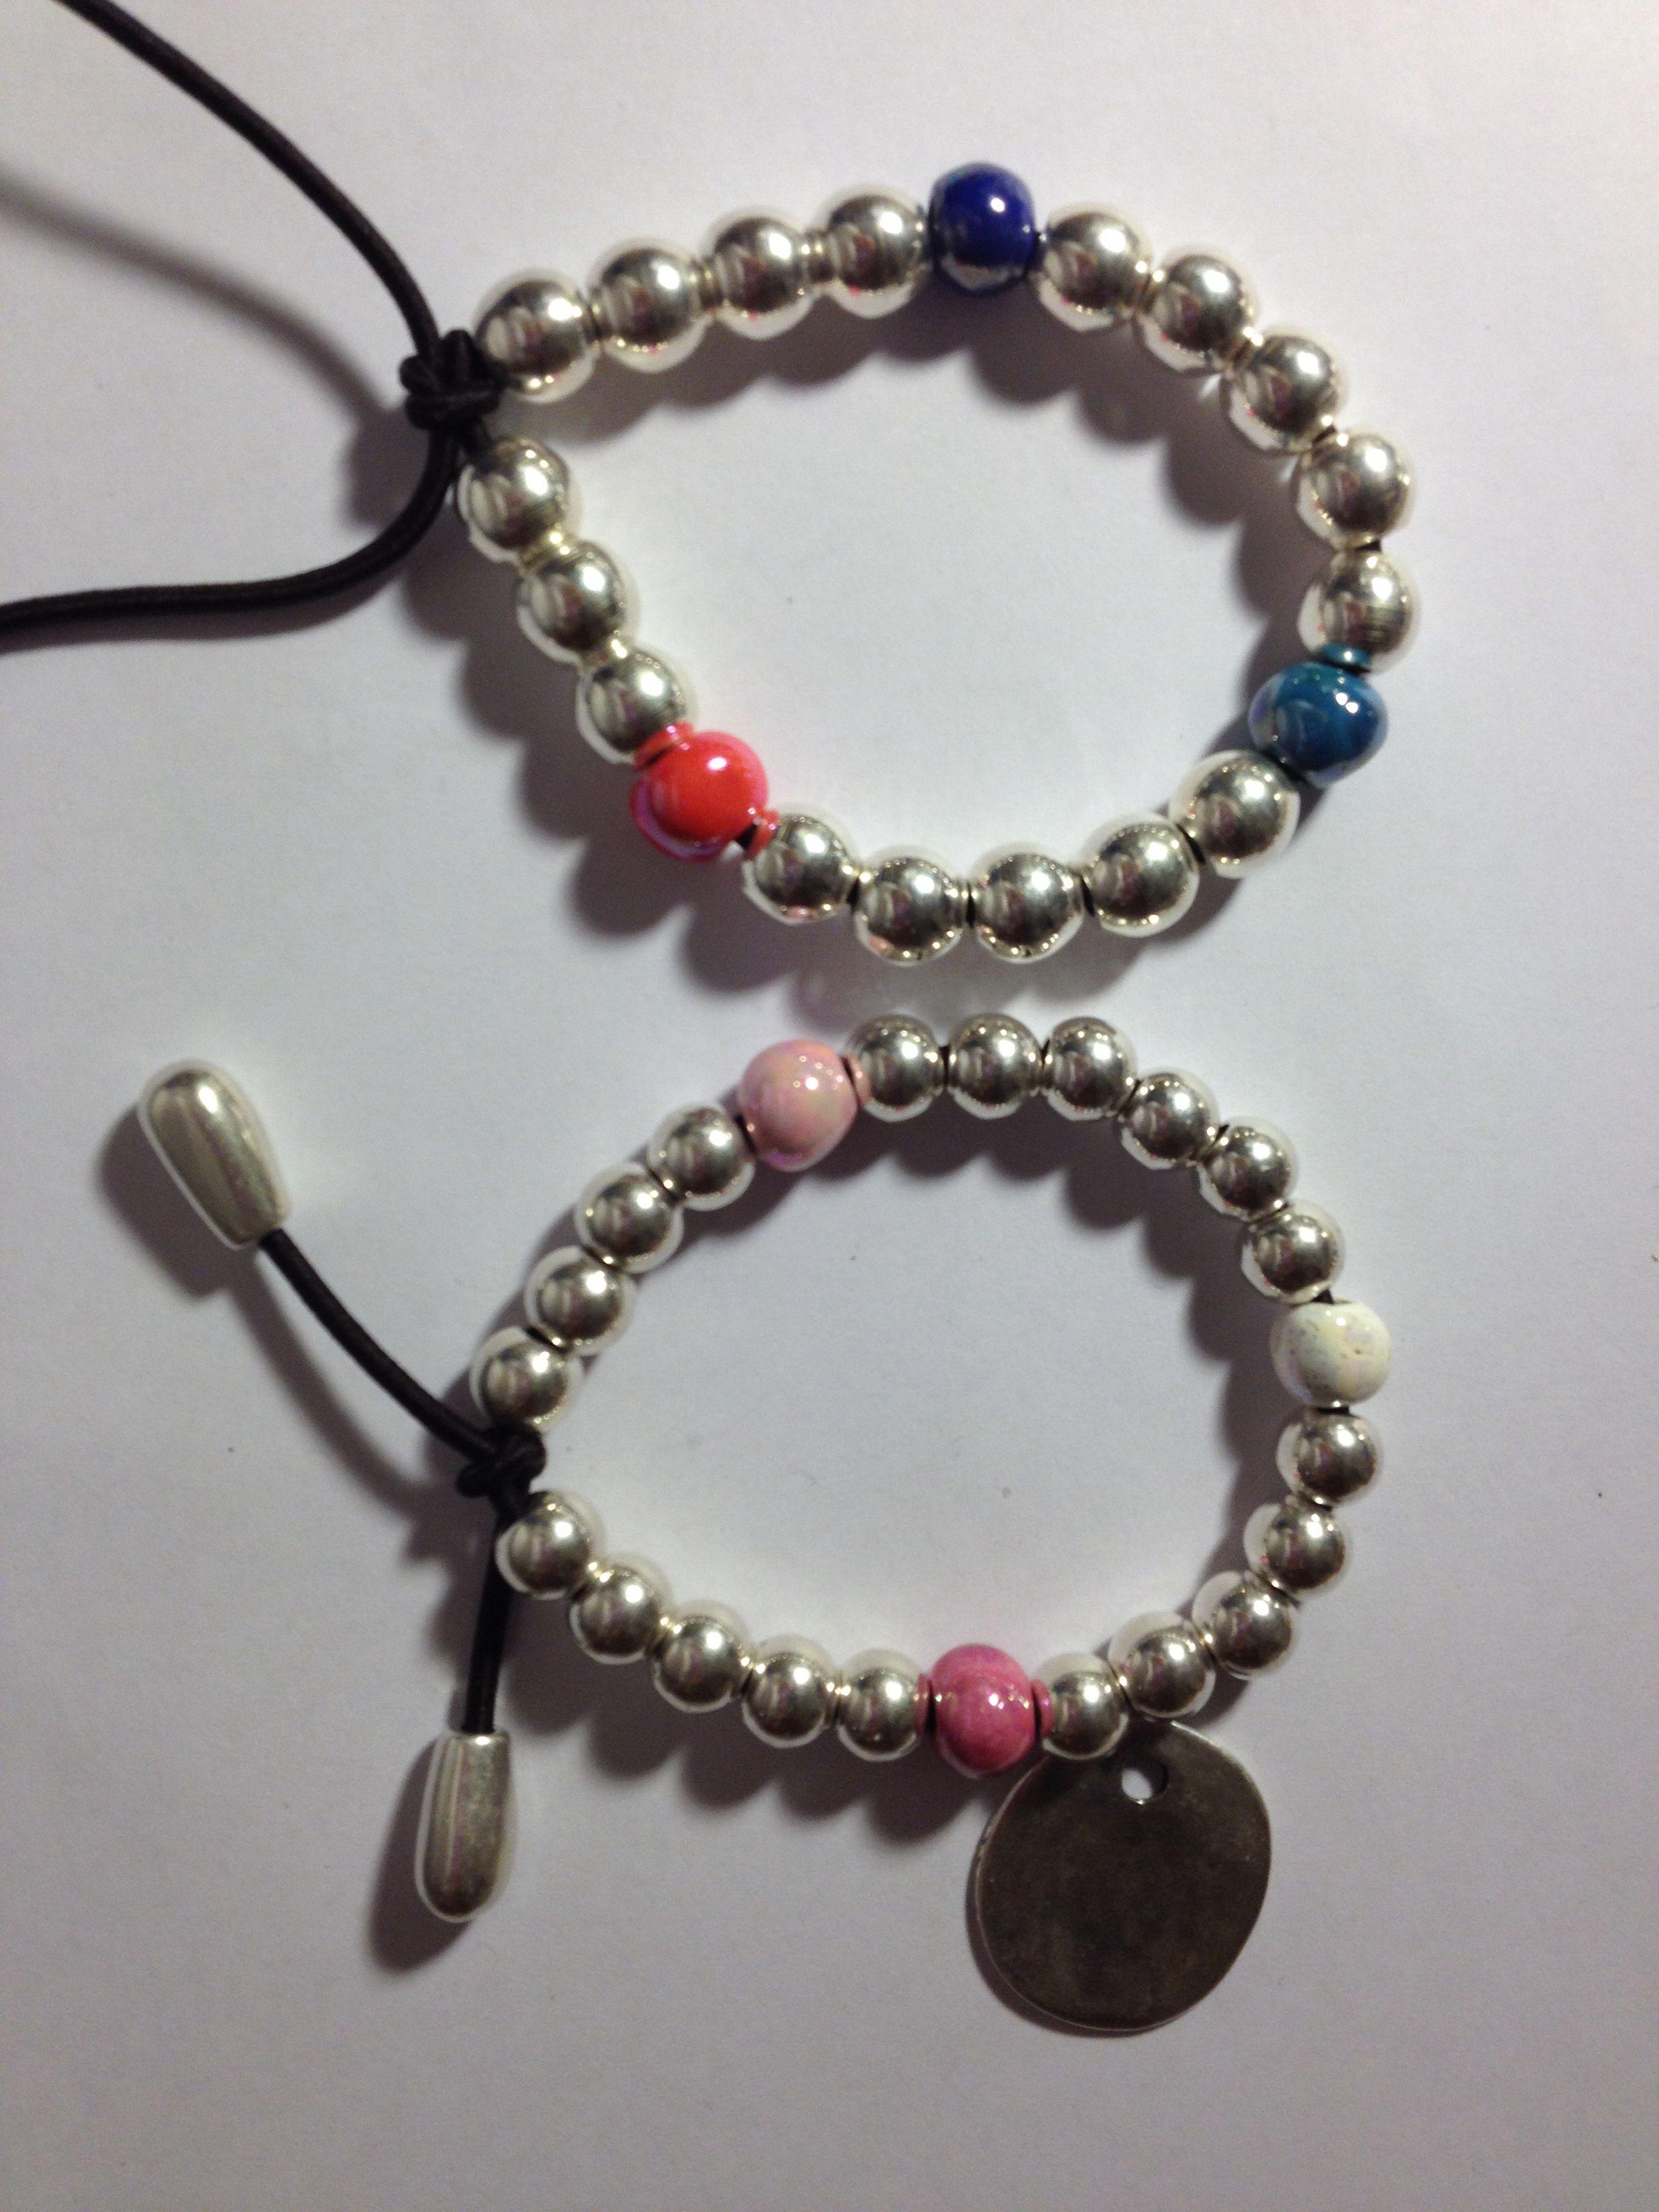 084b6ba8304c Pulsera elástica de bolas de zamak con baño de plata y 3 bolas de cerámica  de color. Lleva placa personalizada con el nombre